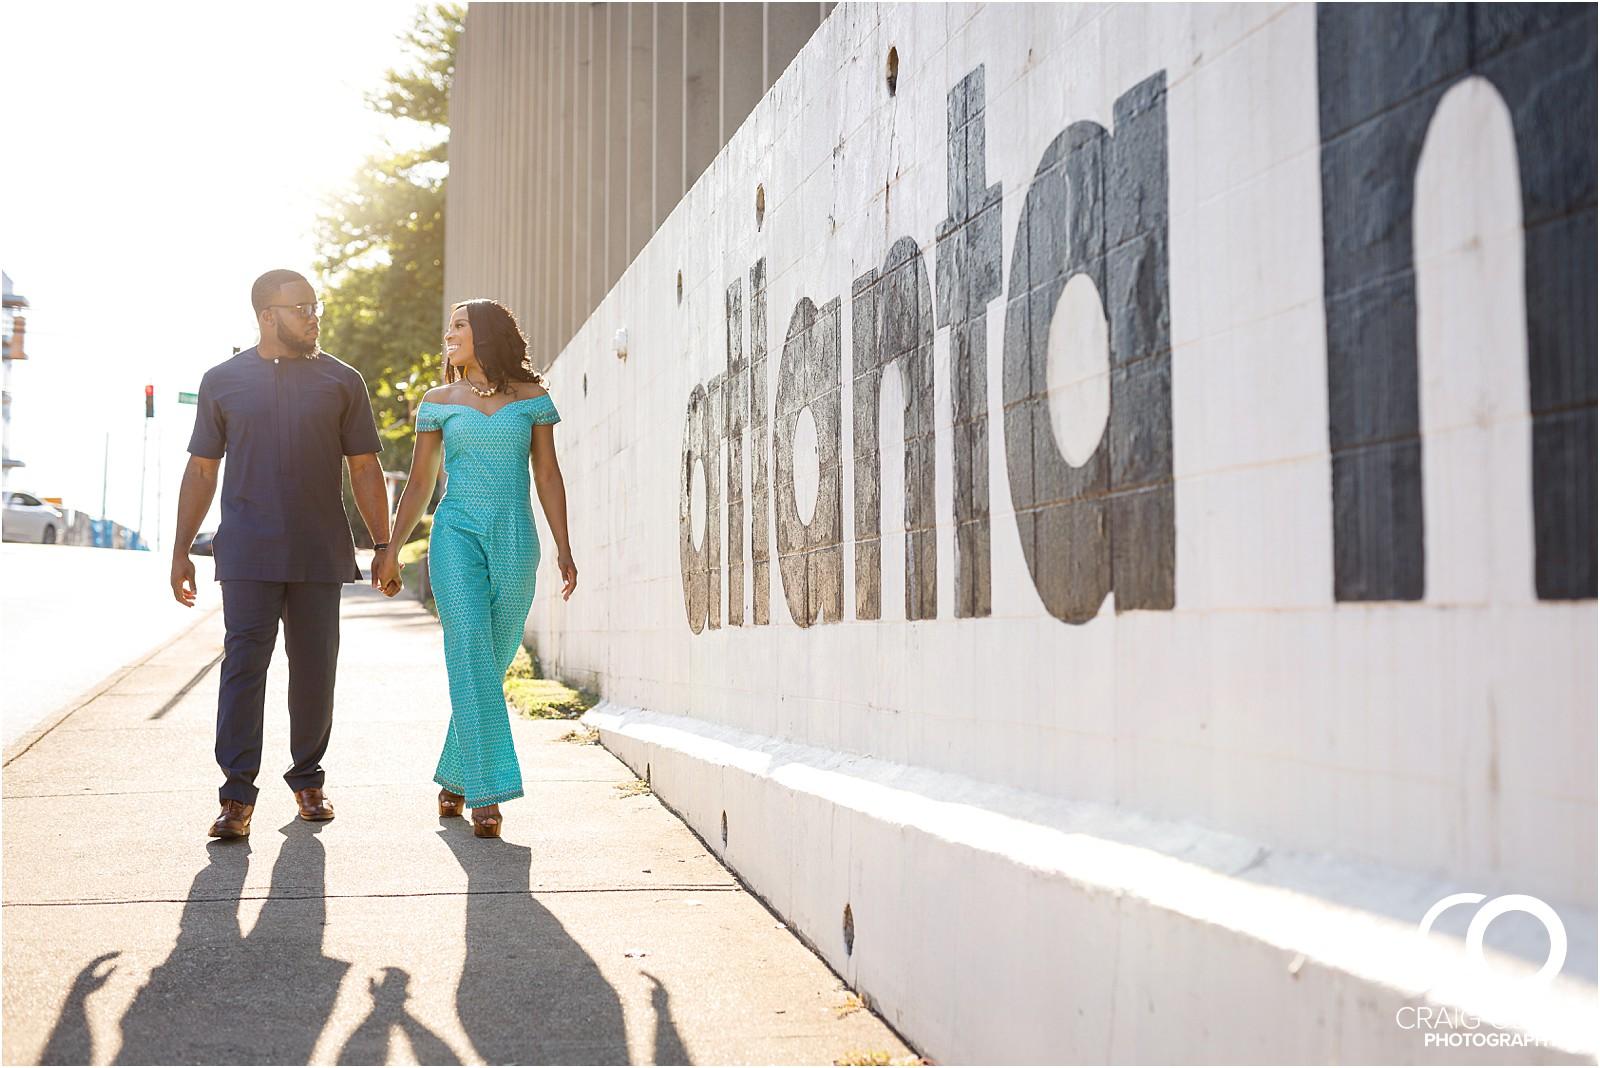 Atlanta Instagram Engagement Portraits Mural Skyline Sunset_0005.jpg